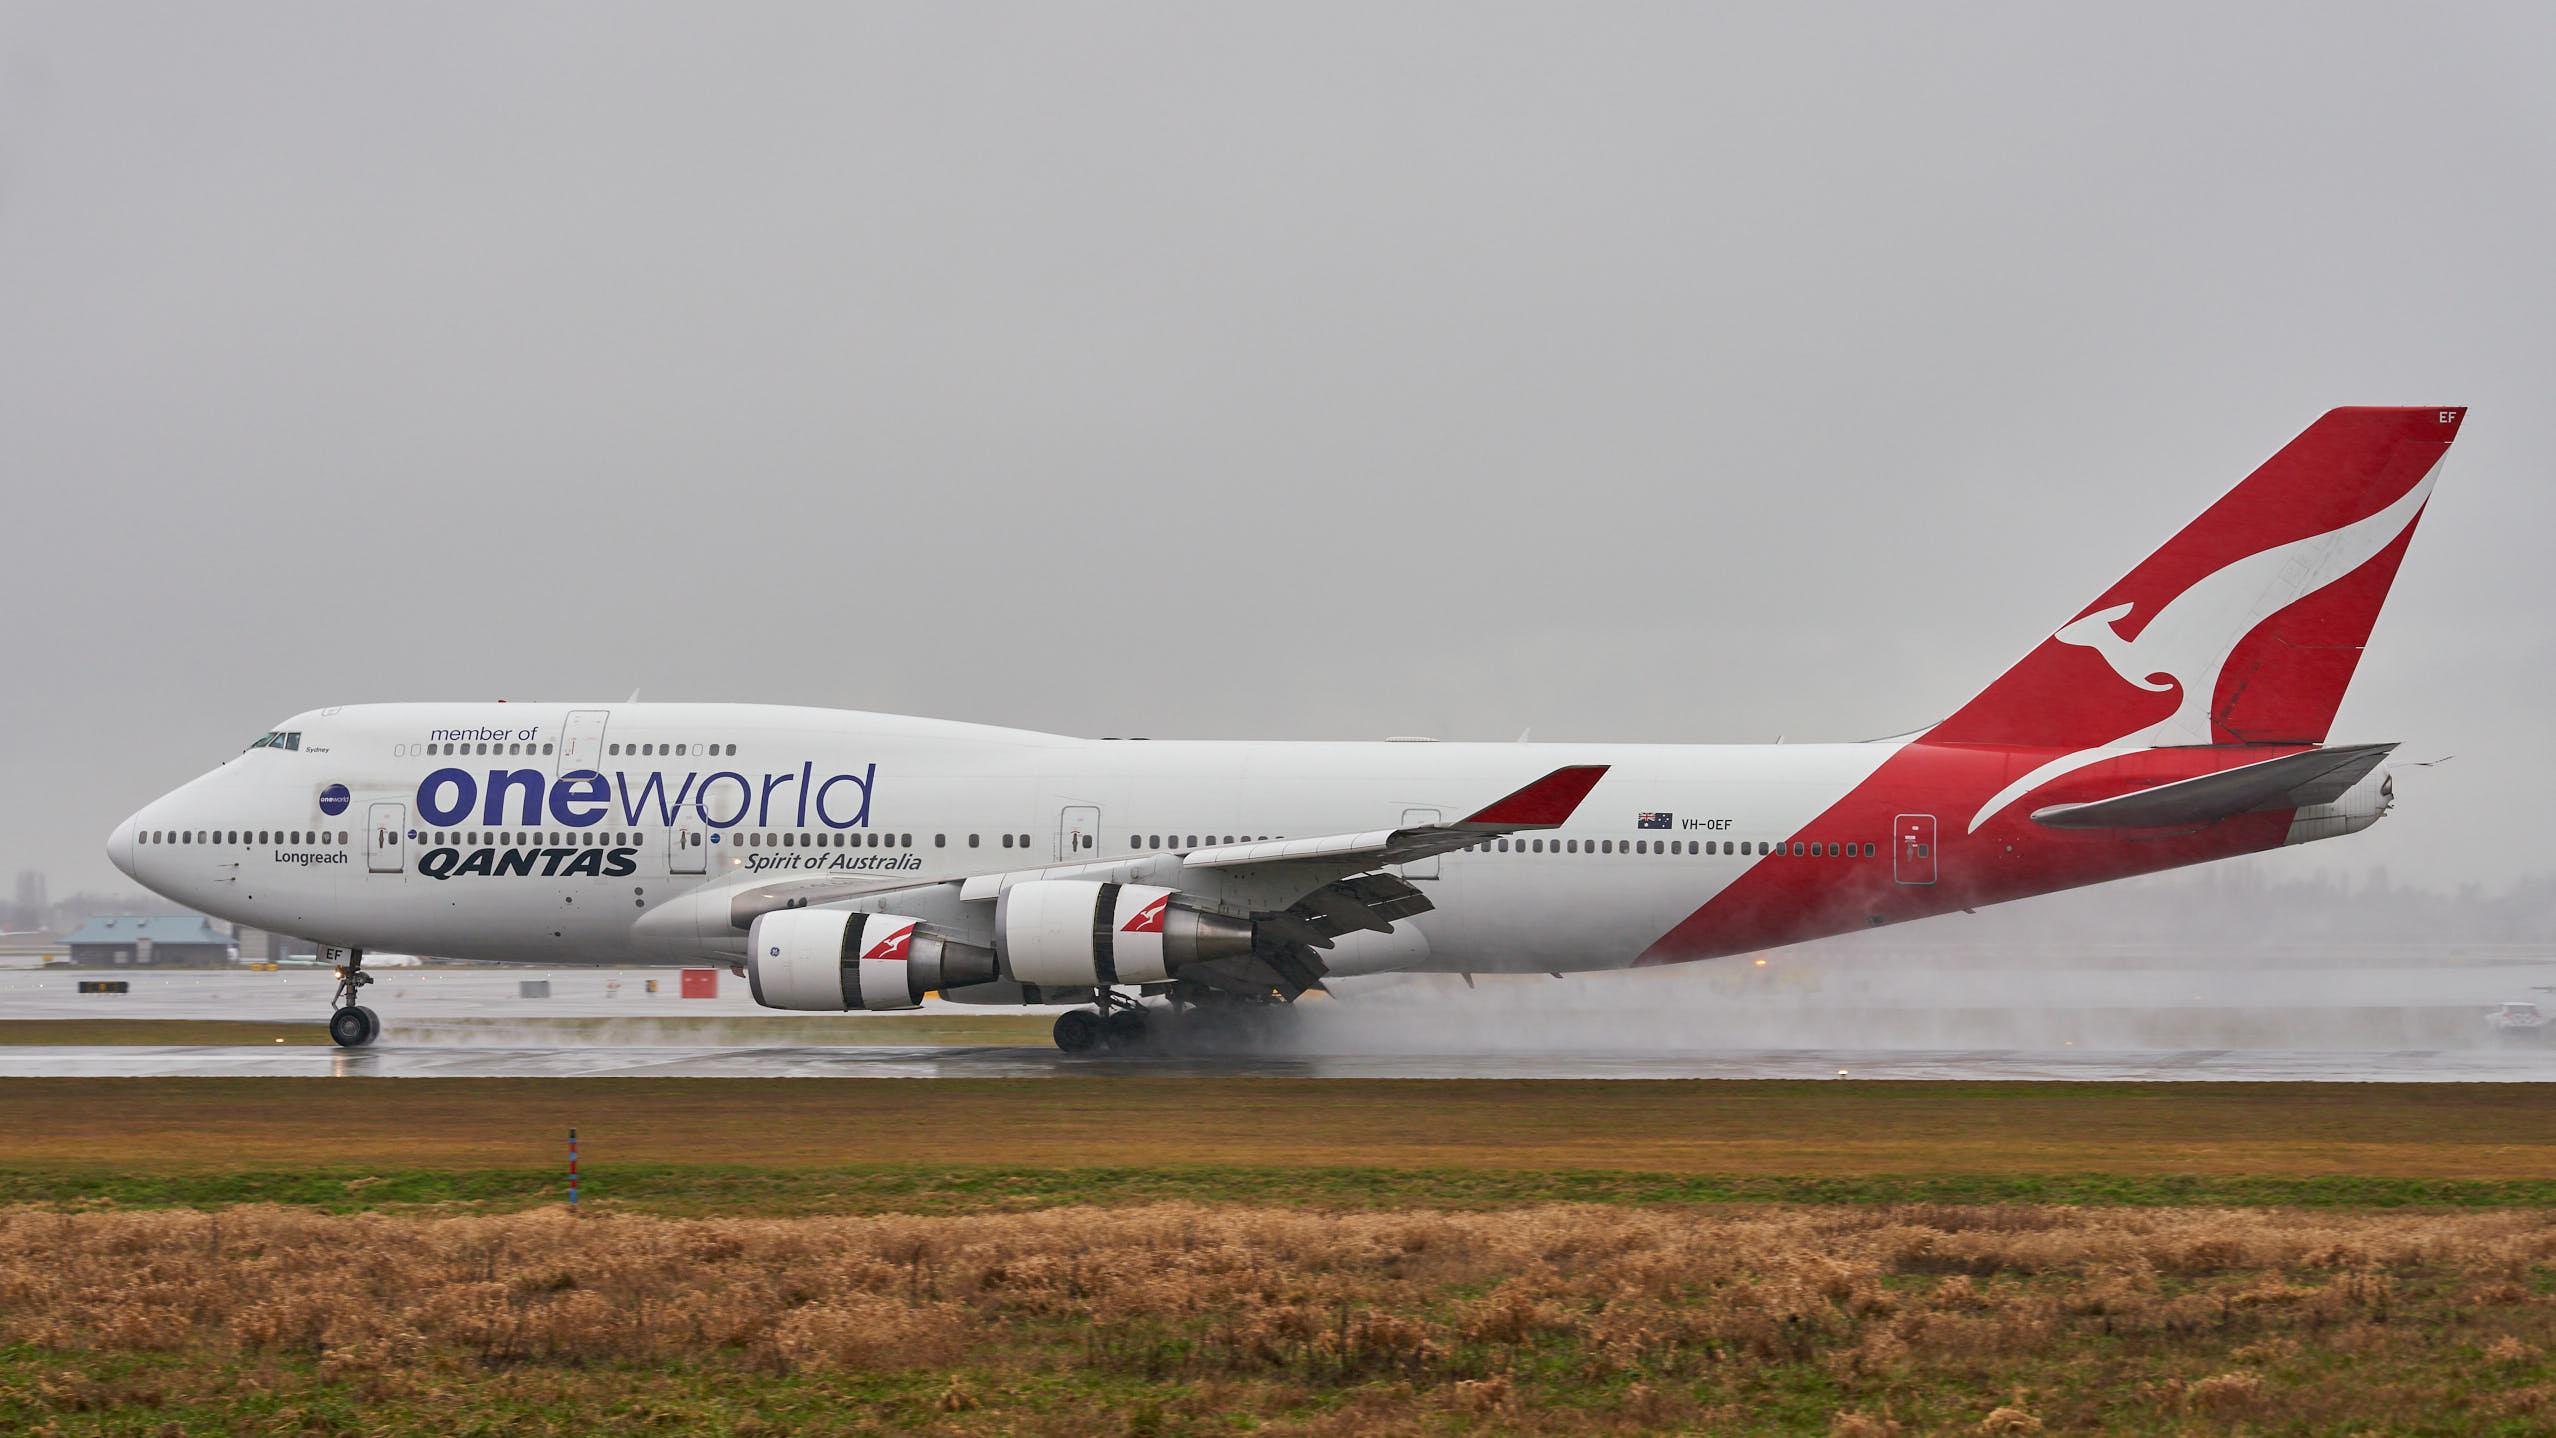 澳洲航空:波音747-400「寰宇一家」聯盟塗裝